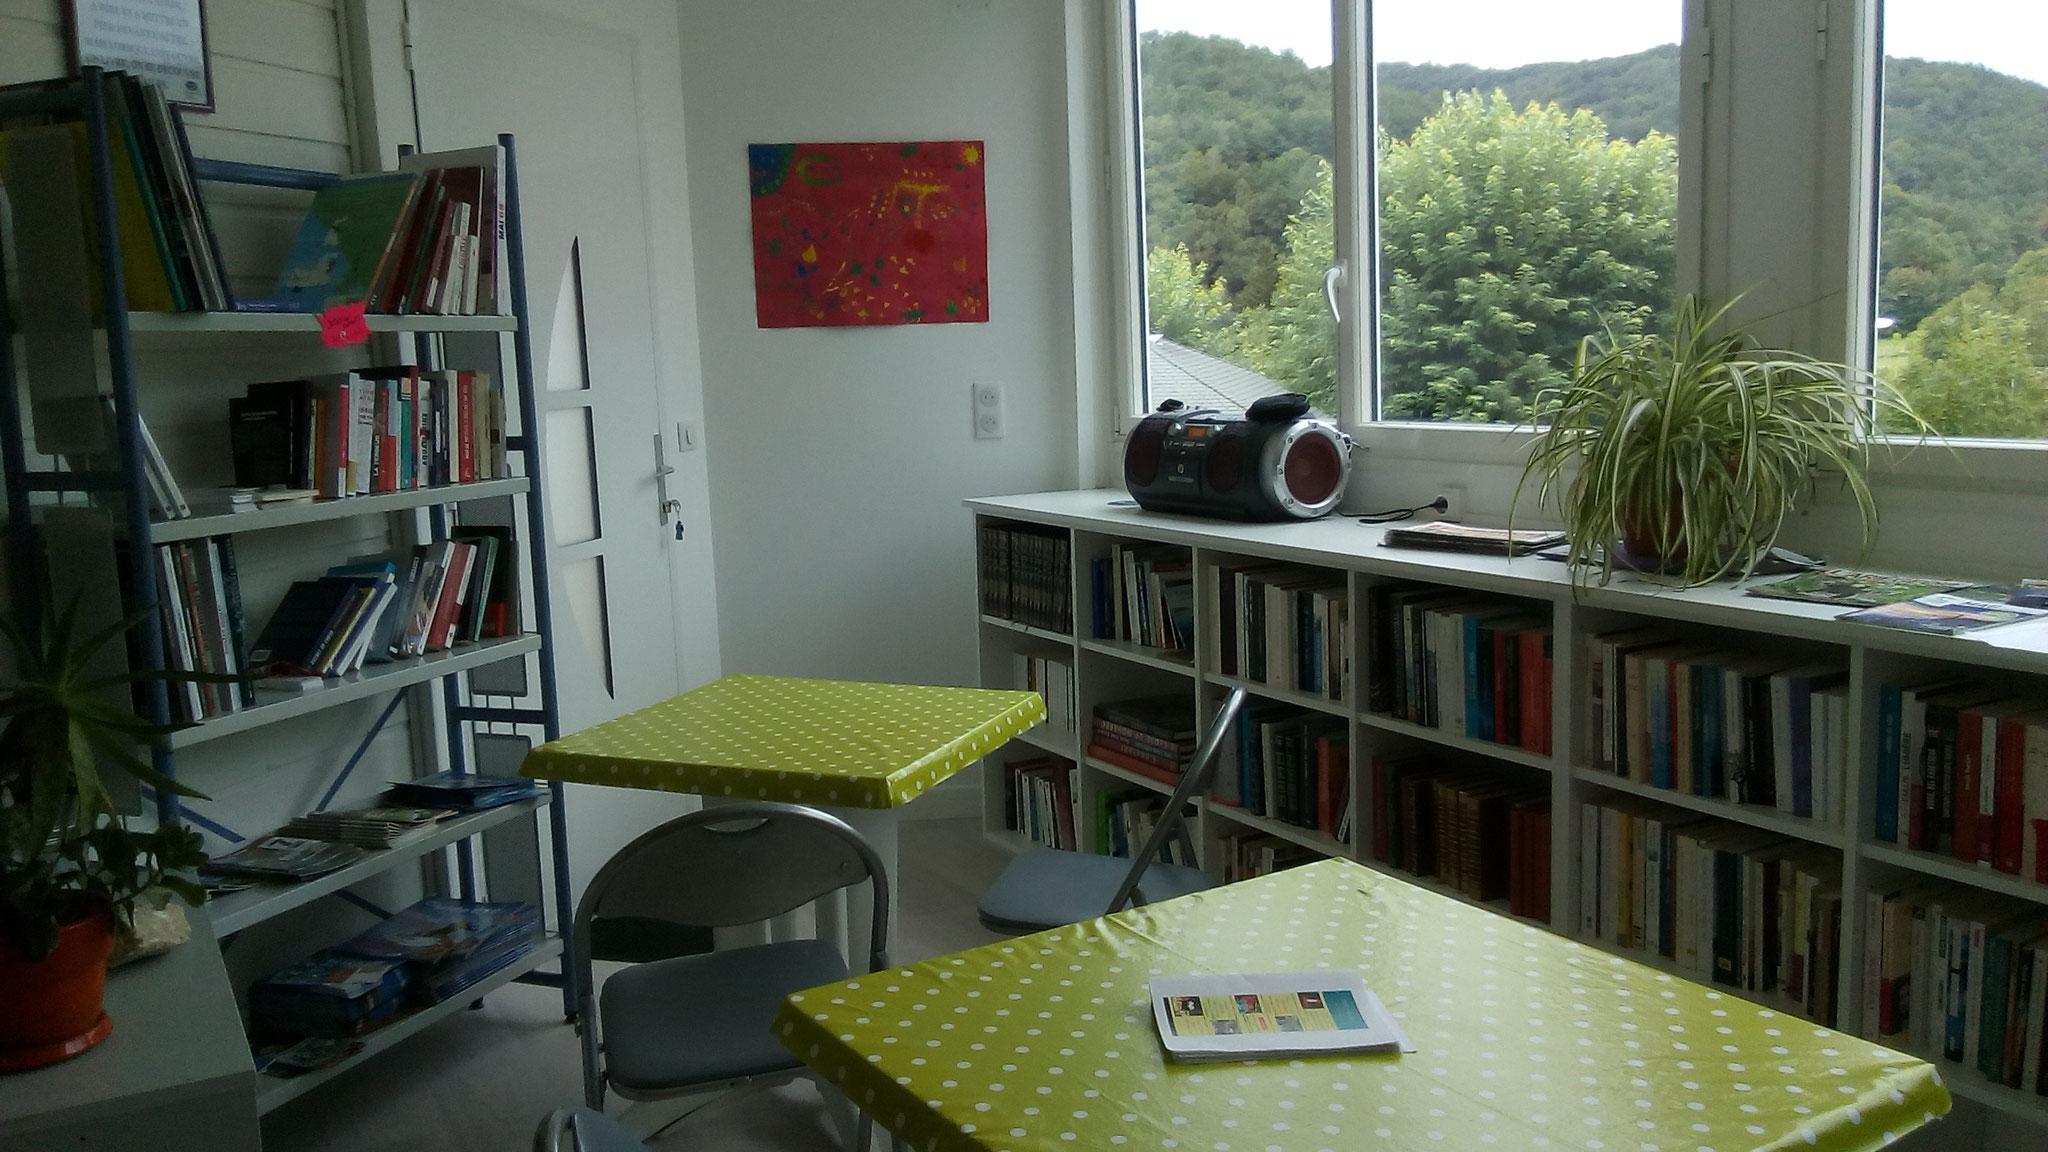 La bibliothèque du village de vacances